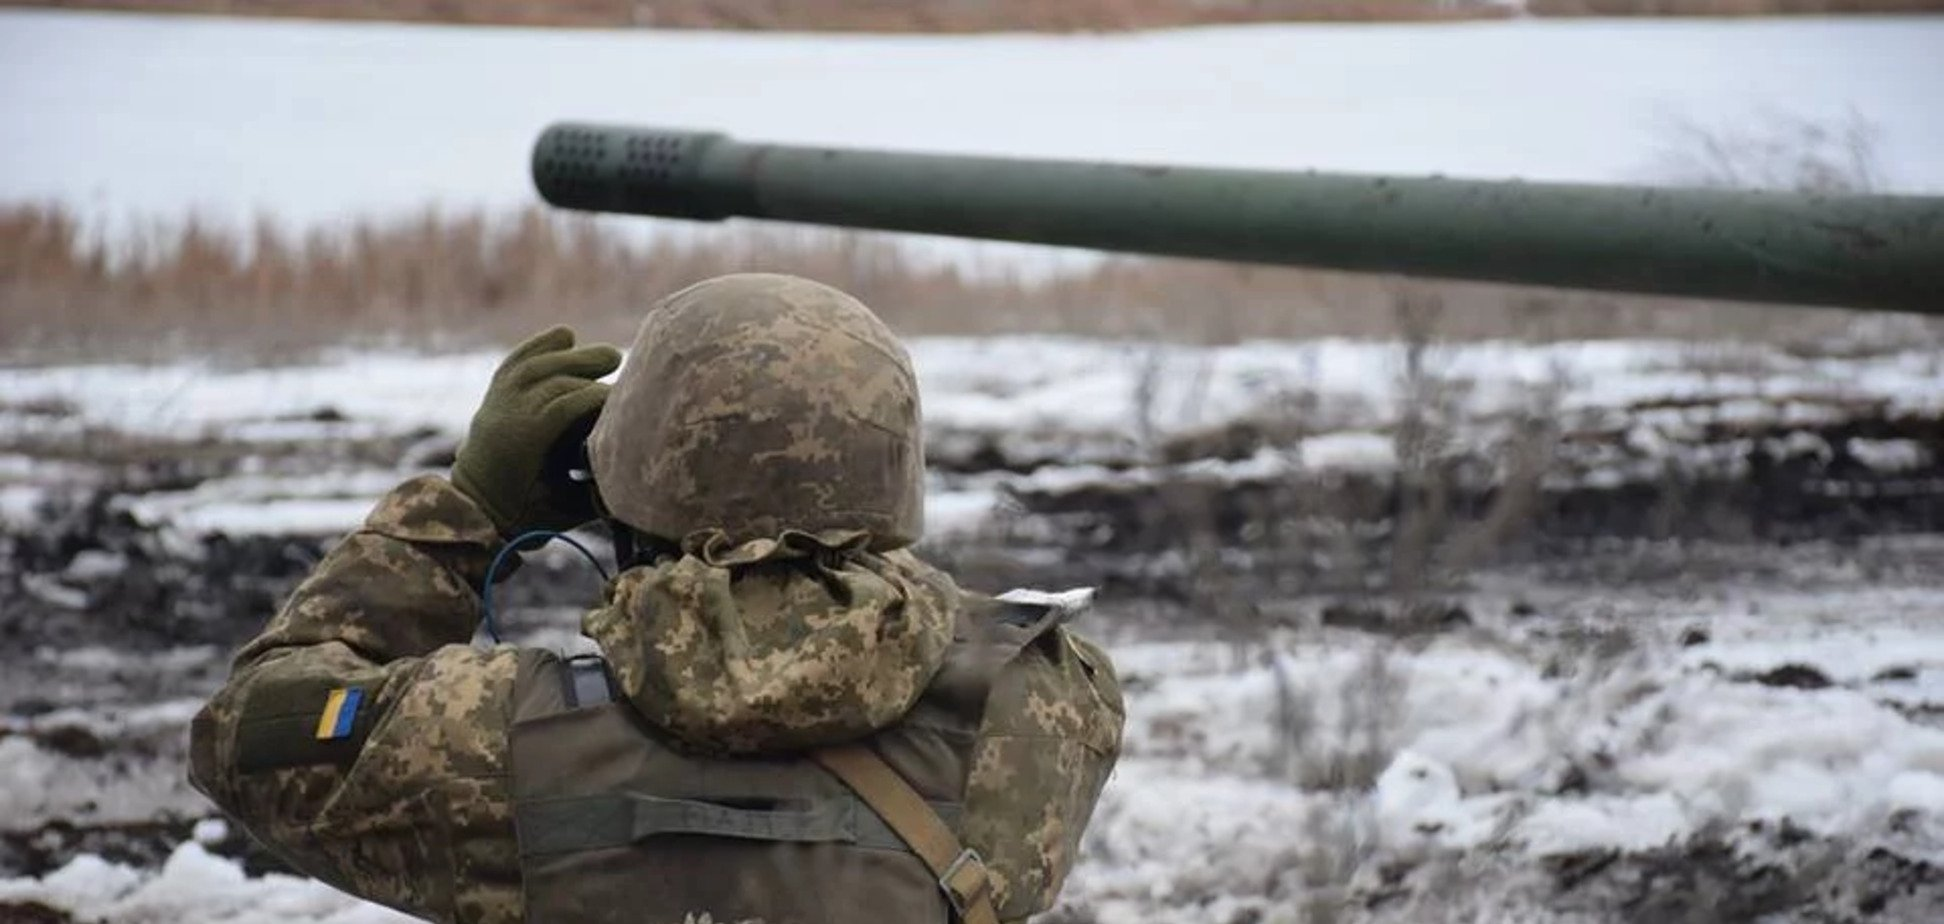 Били минометами: террористы 'Л/ДНР' нанесли удар по ВСУ